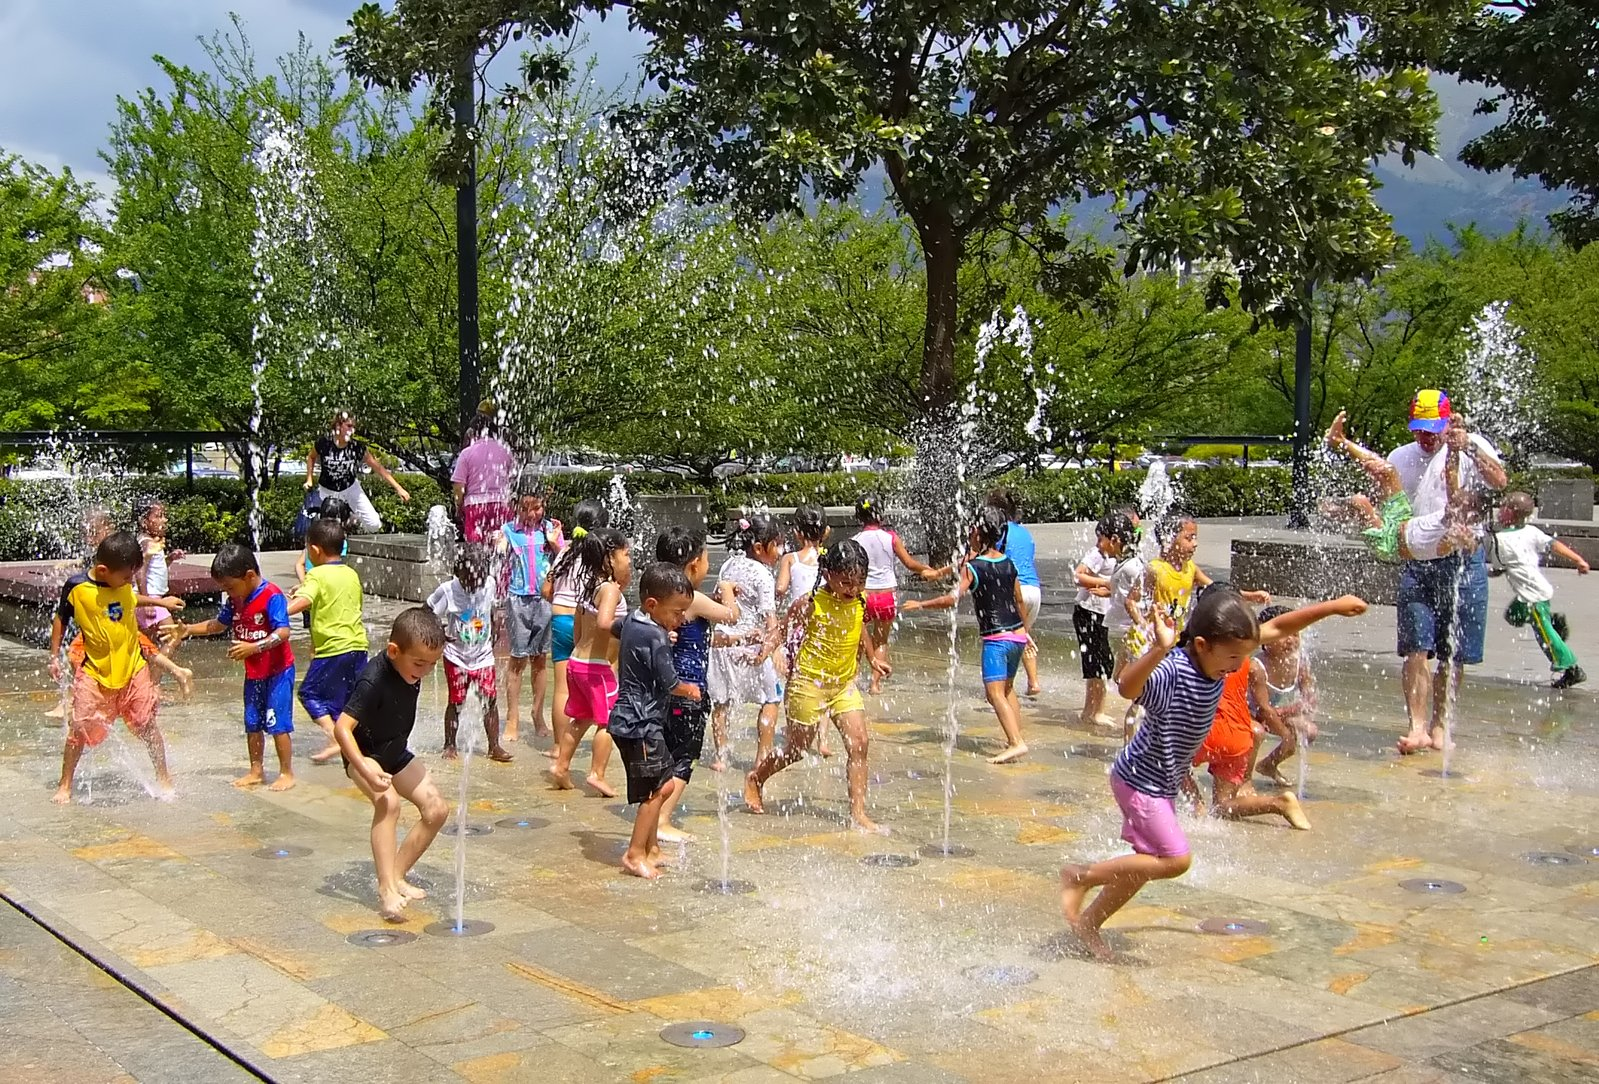 city children playing on water playground equipment